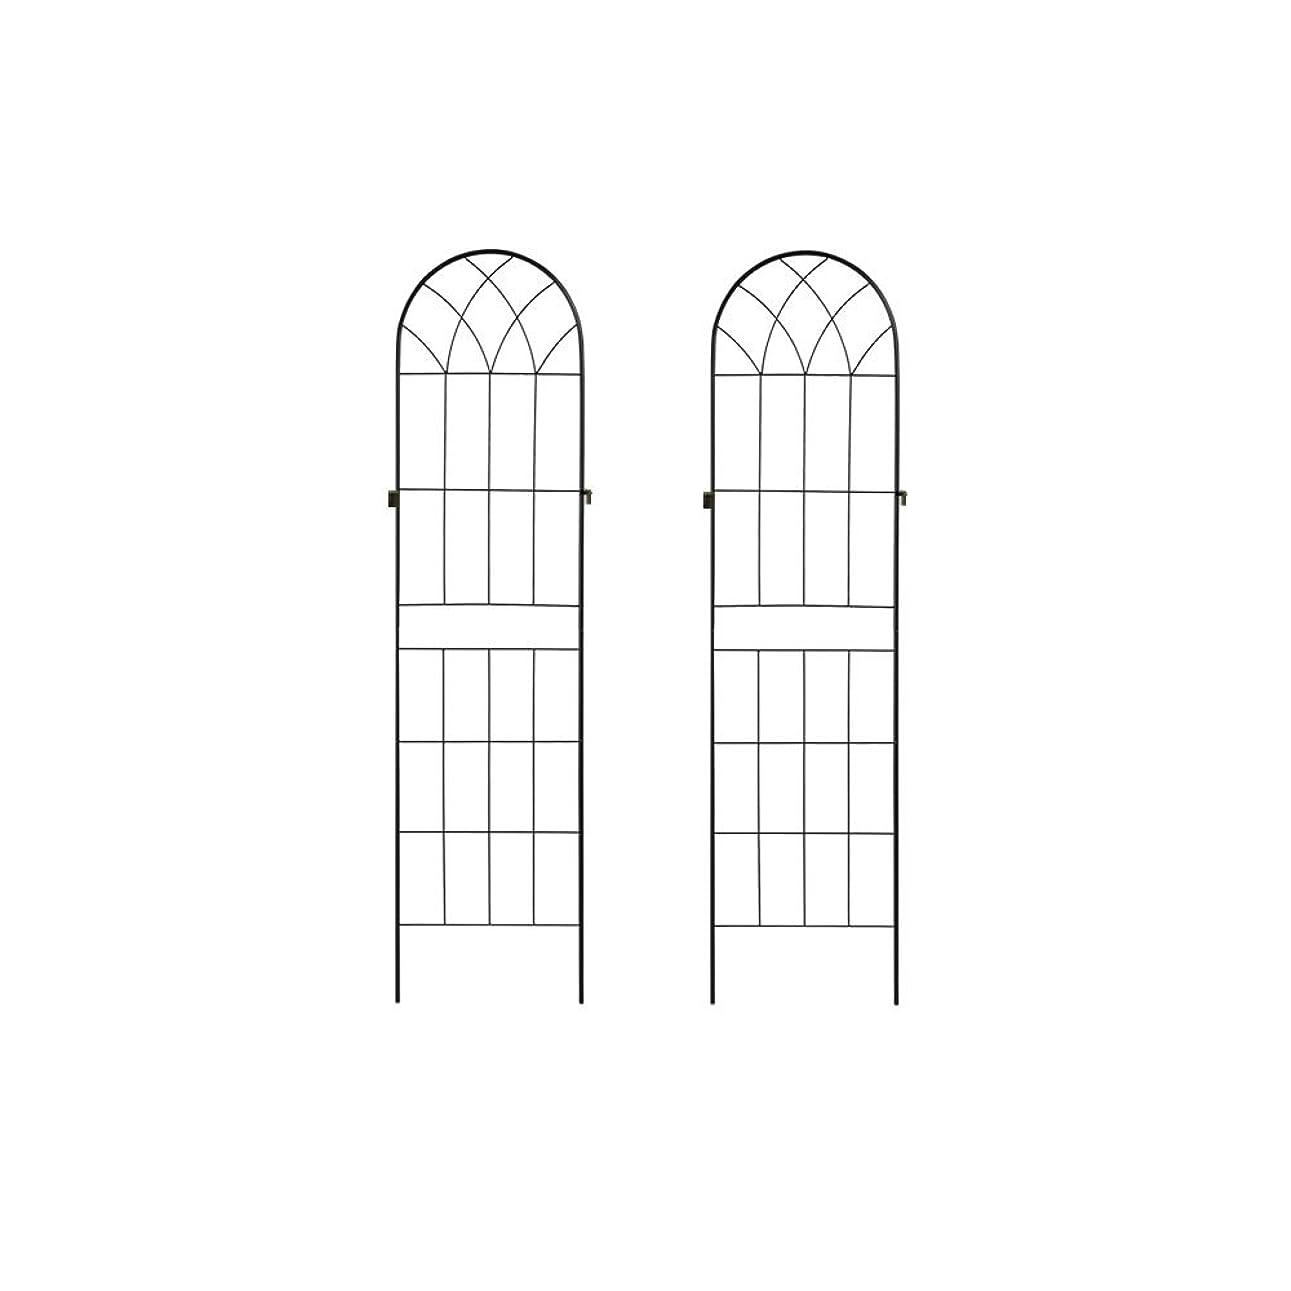 ネックレス泳ぐ傘ぼん家具 トレリス ガーデンフェンス ラティス グリーンカーテン ガーデニング 2枚セット ブラック